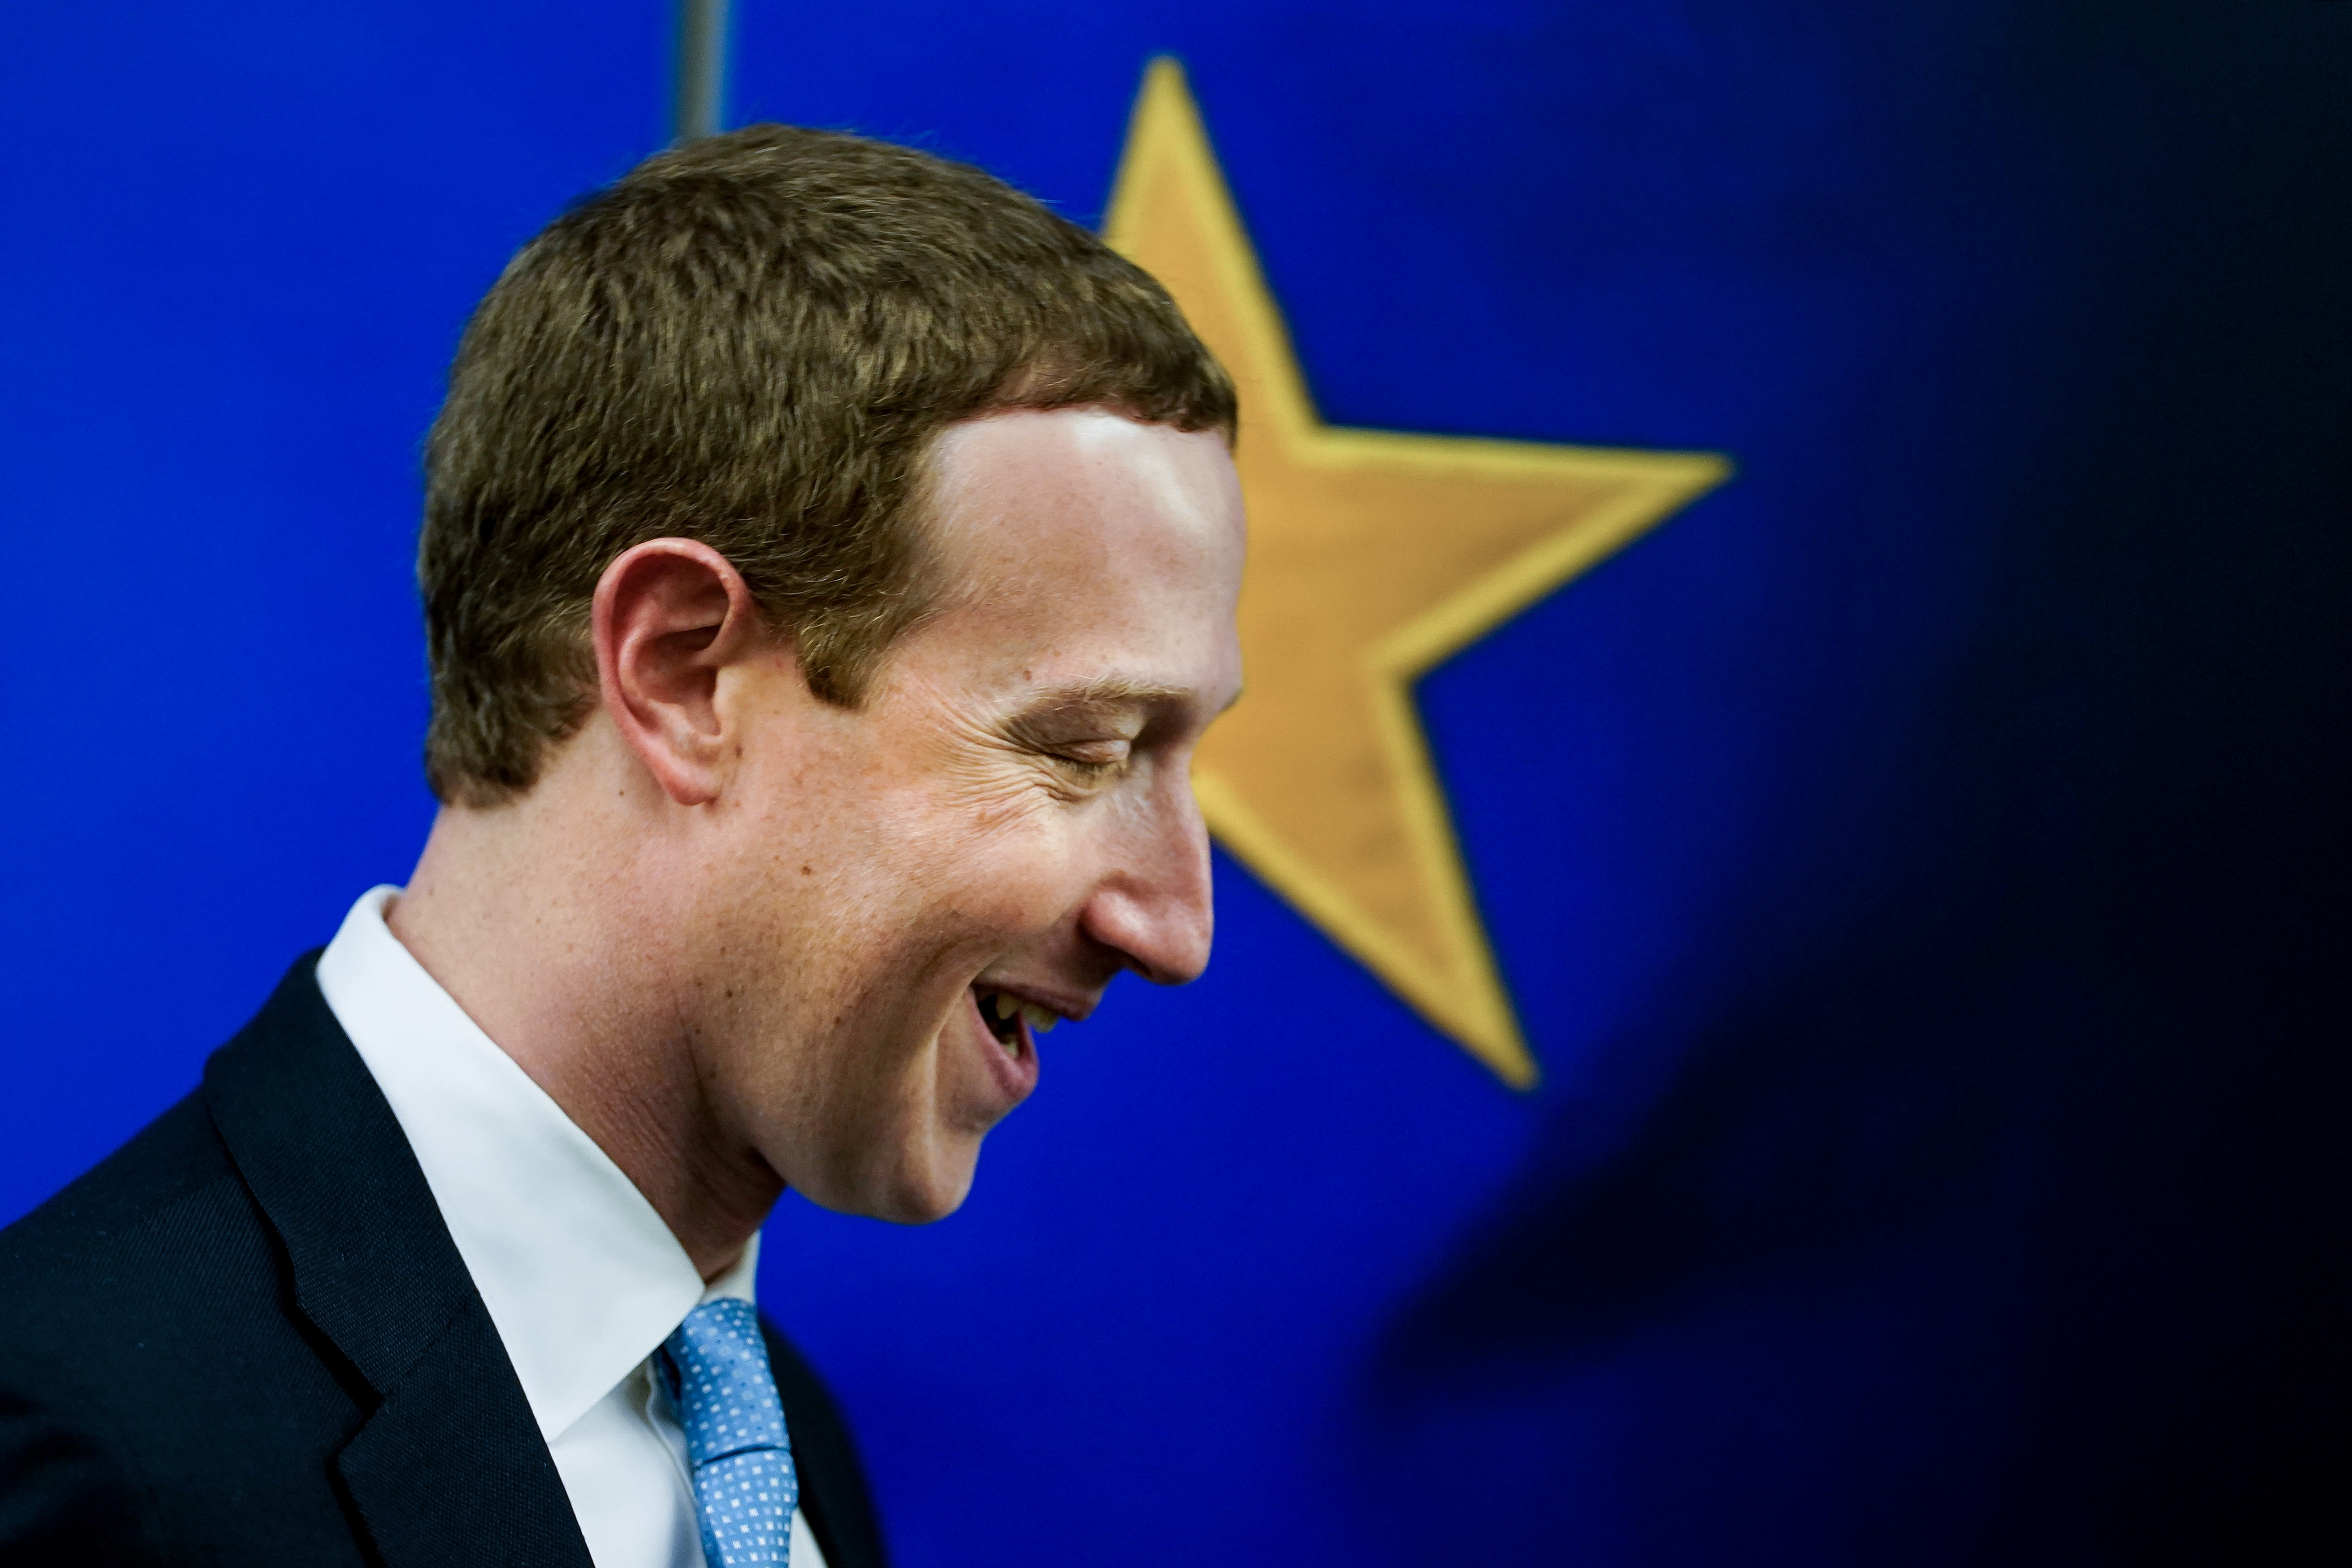 Nyílt zsarolásba kezdett a Facebook: ha életbe lép az új médiatörvény, az ausztrálok többé nem oszthatnának meg egyetlen hírt sem az oldalon